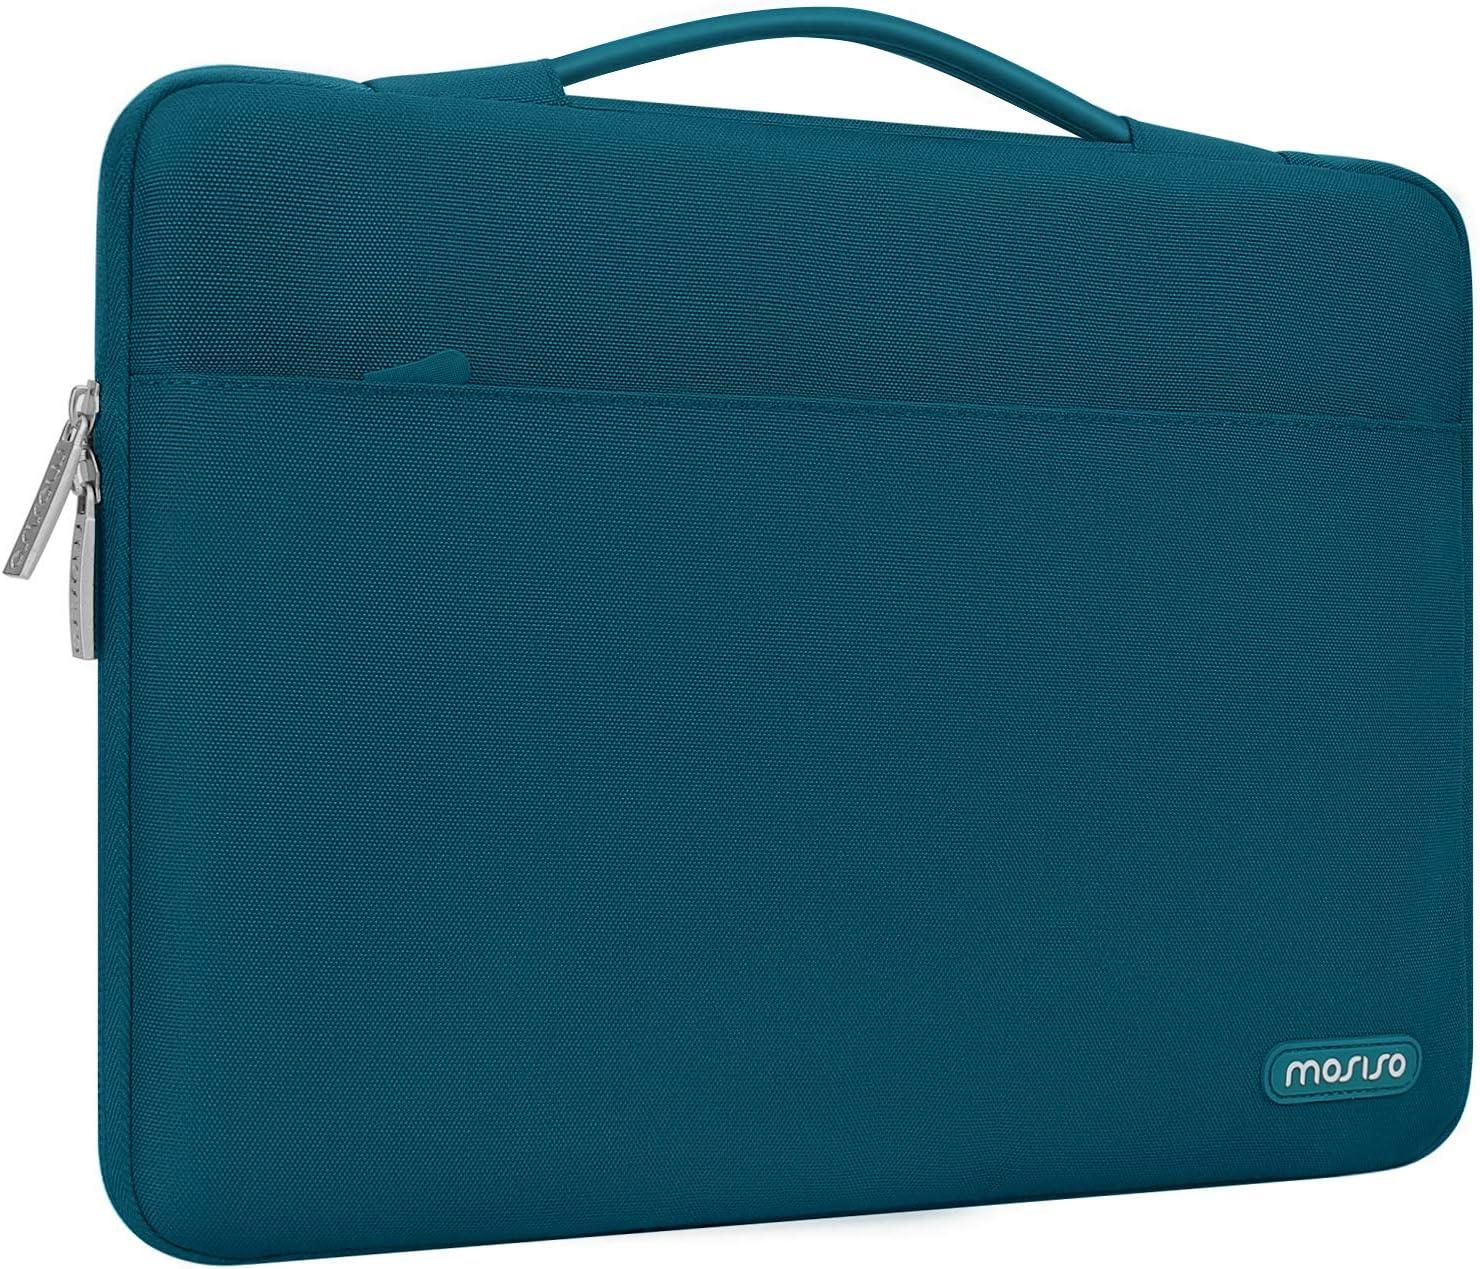 Surface Laptop 2 2018 MOSISO Housse Compatible avec MacBook Air 13-13.3 Pouces MacBook Pro Retina Bleu Marin 360 Protection Laptop Briefcase Sac en Polyester avec Ceinture Arri/ère pour Valise